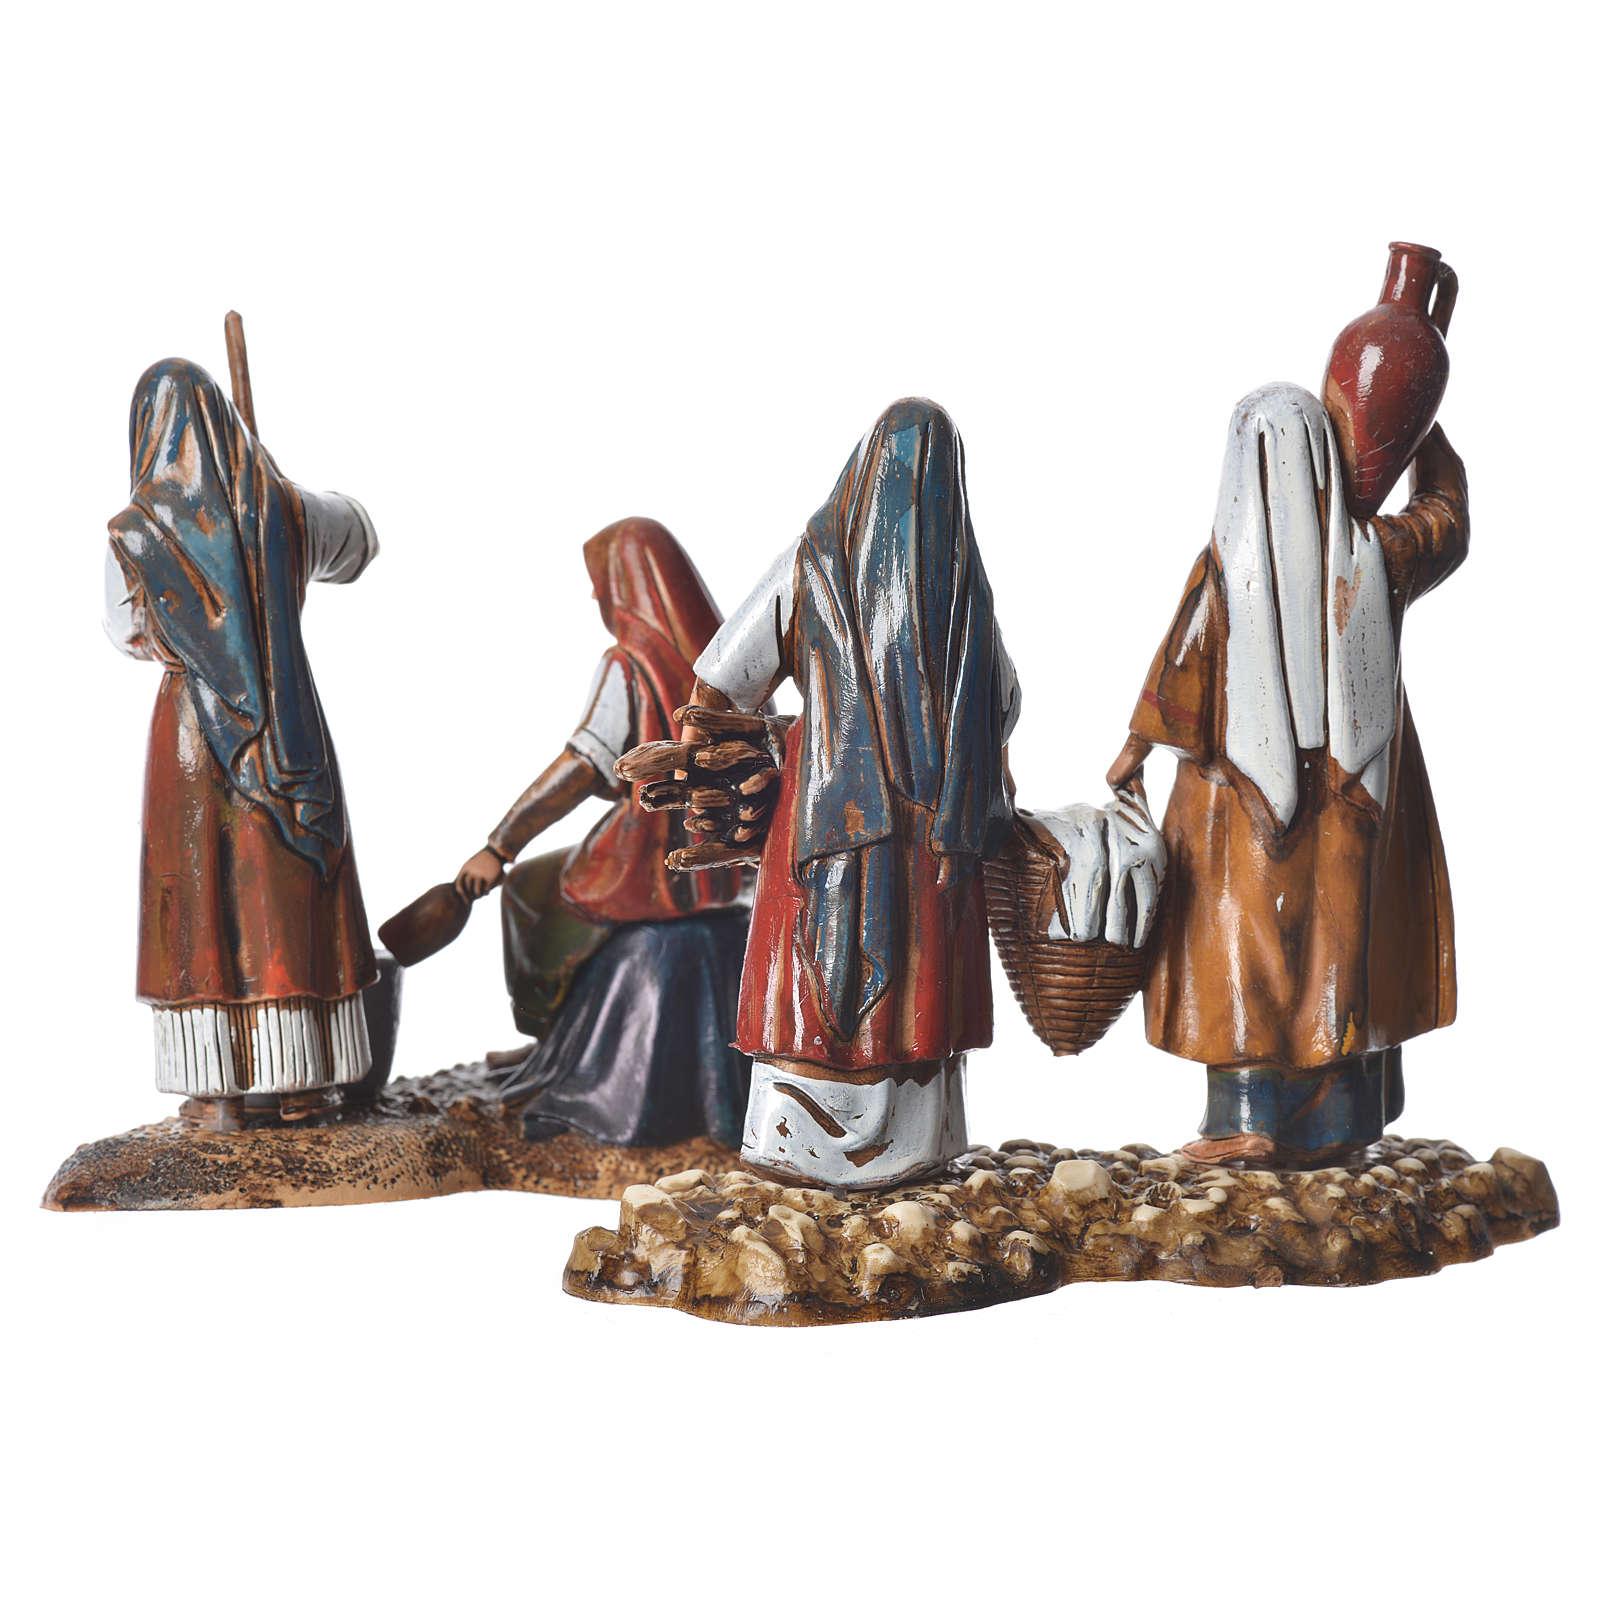 Mujeres en el mercado 2 escenas 10 cm Moranduzzo 4